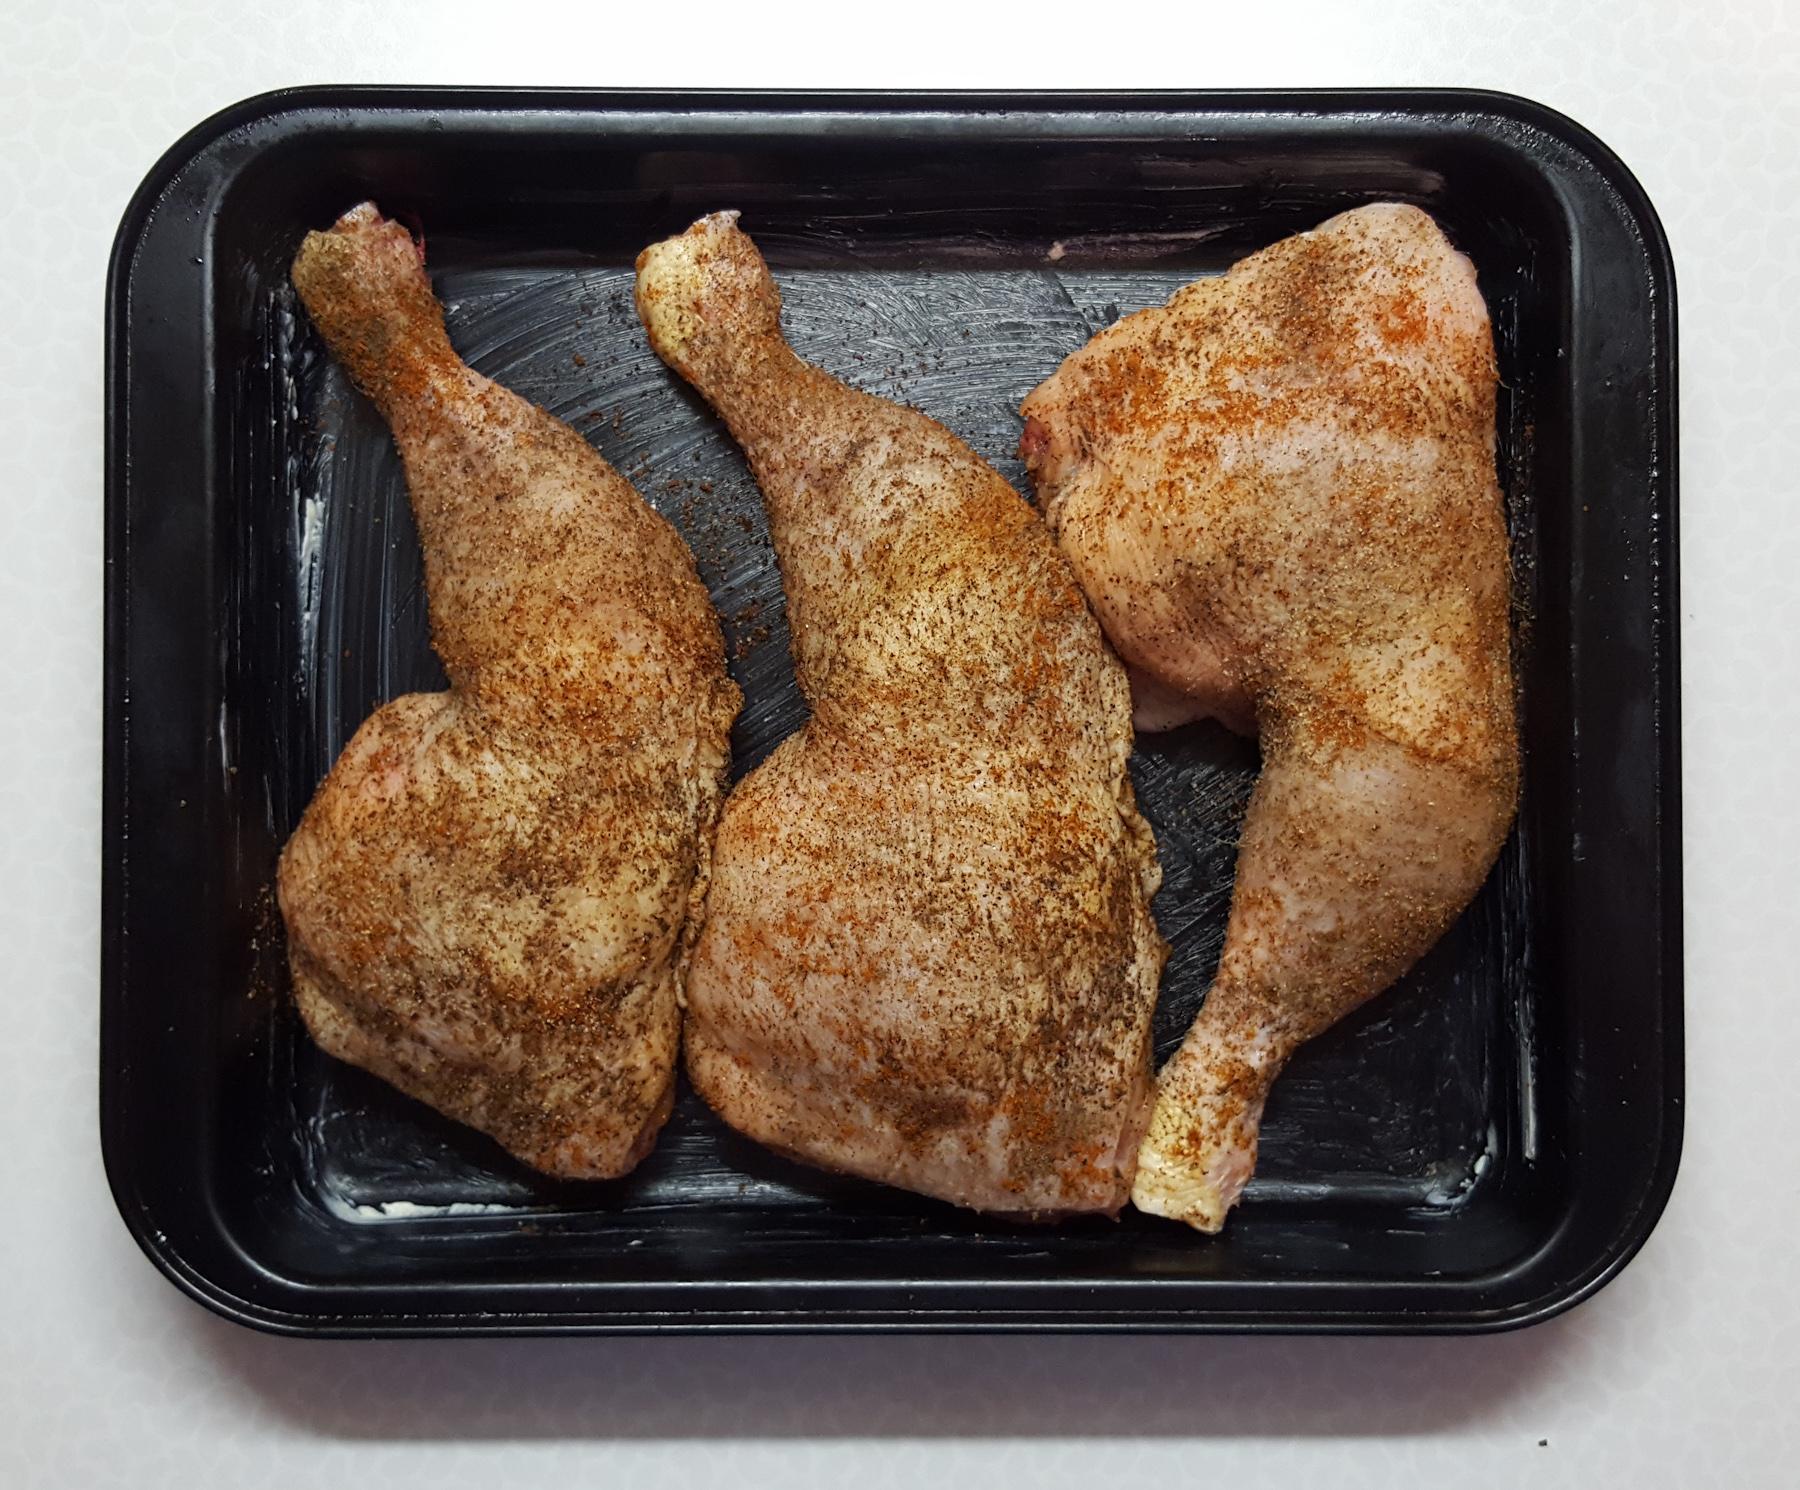 Hähnchenschenkel, gewürzt mit Salz, Pfeffer, Paprika- und Knoblauchpulver